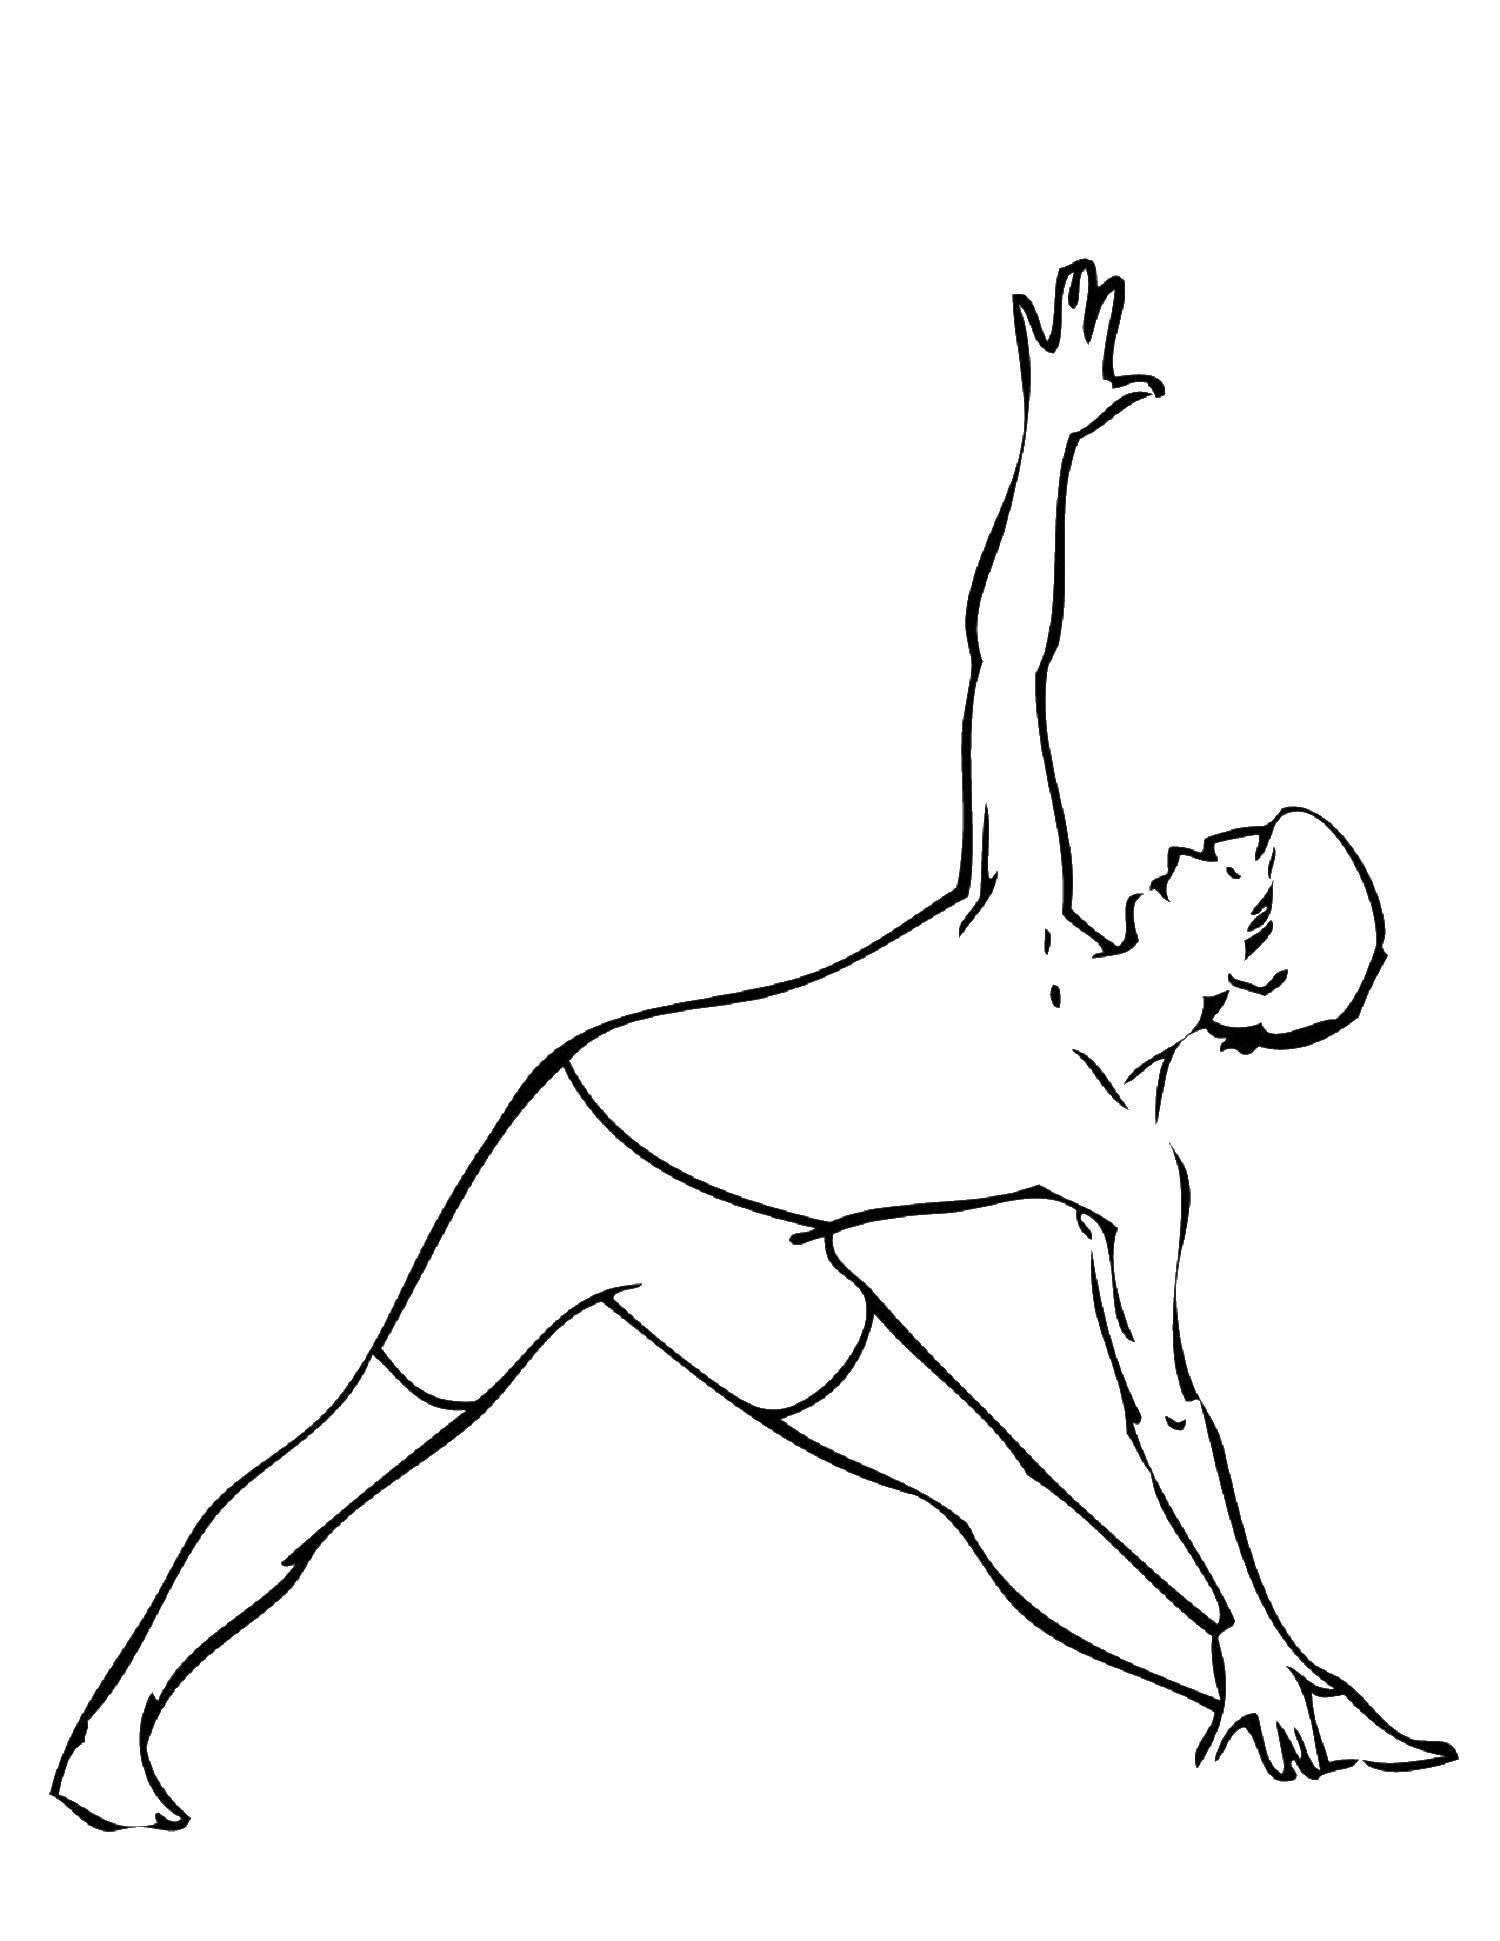 раскраски упражнения раскраска упражнения физические из